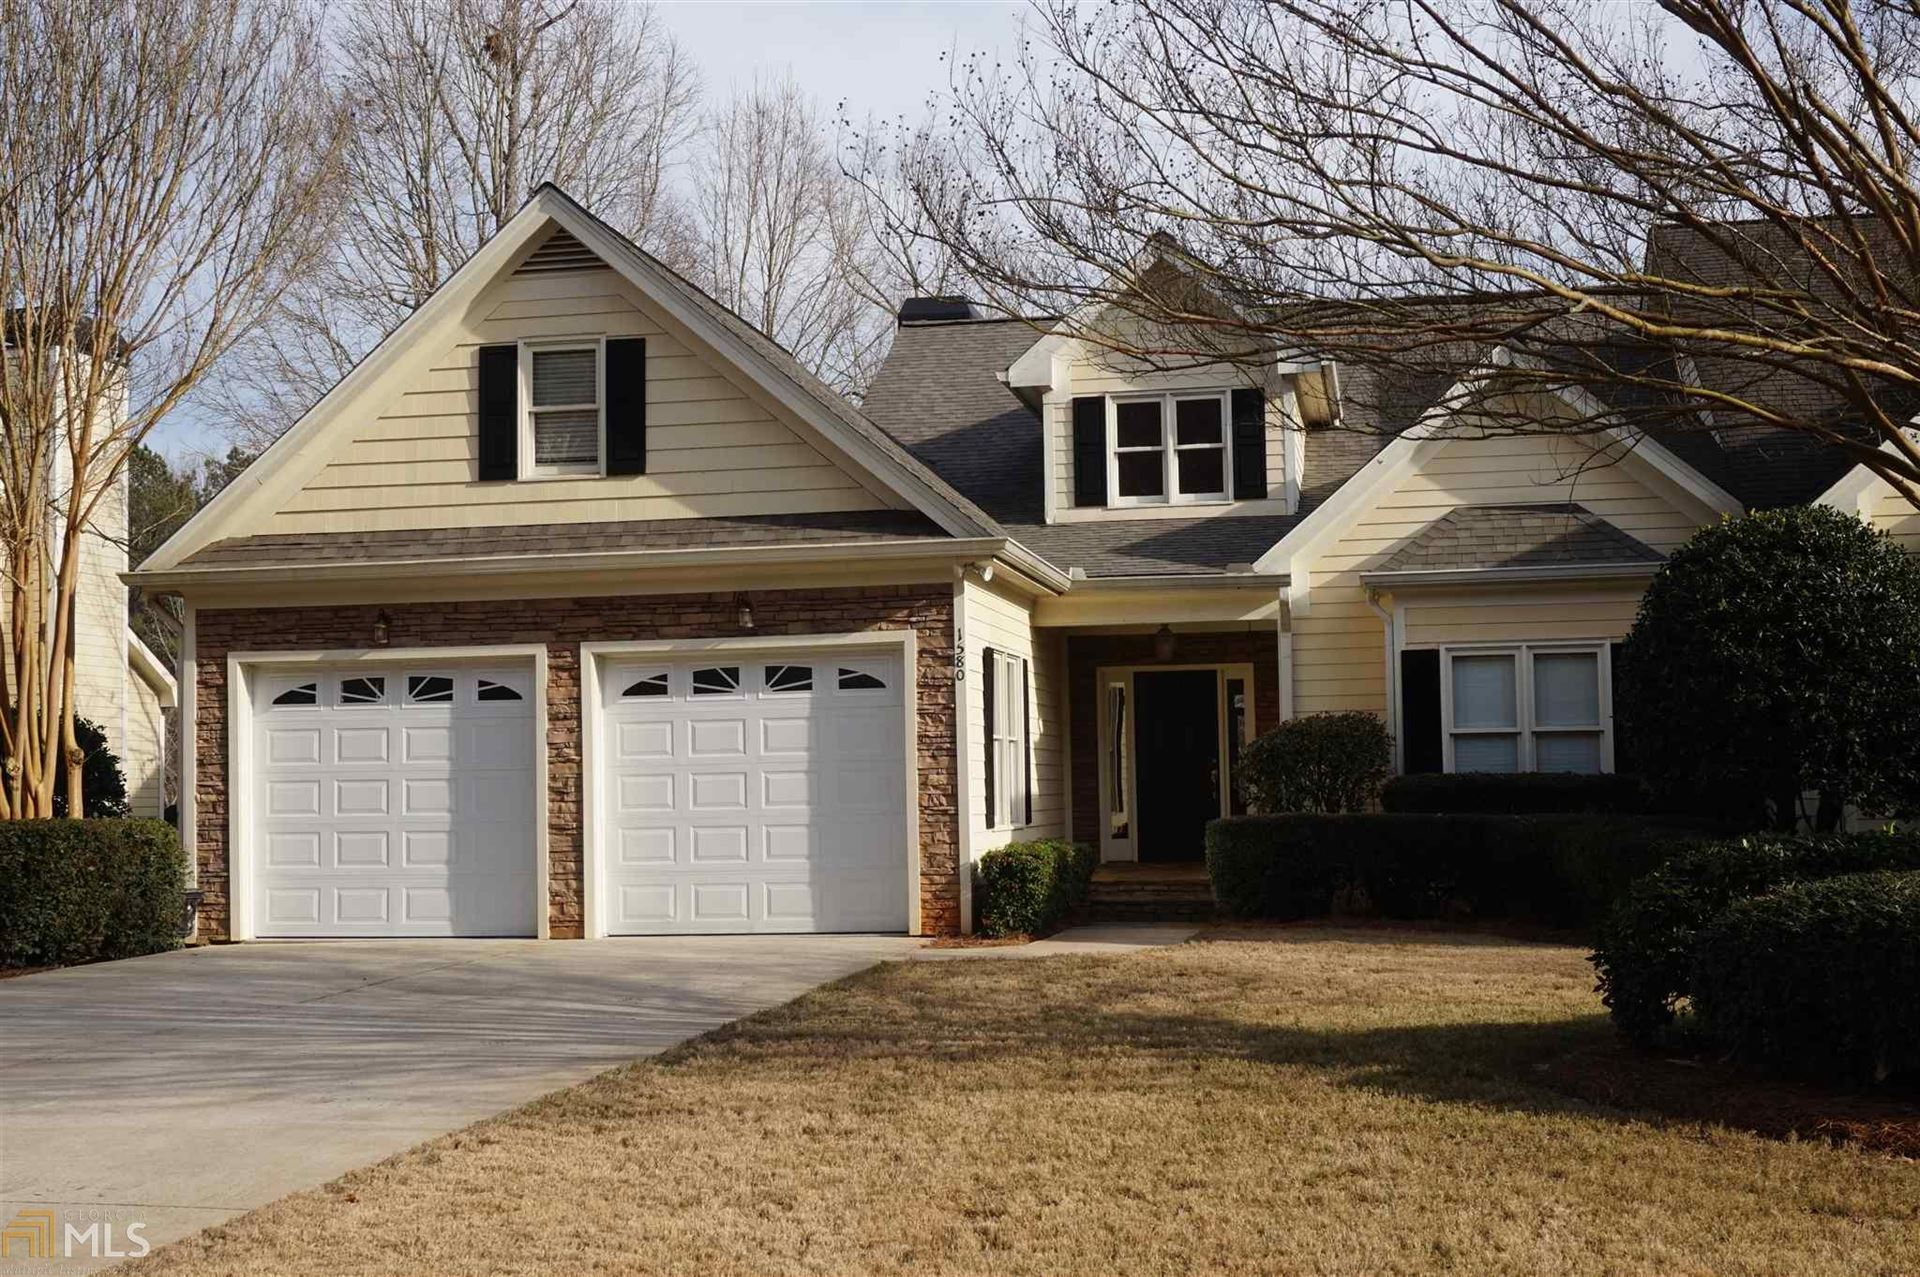 1580 Vintage Club Dr, Greensboro, GA 30642 - MLS#: 8942938